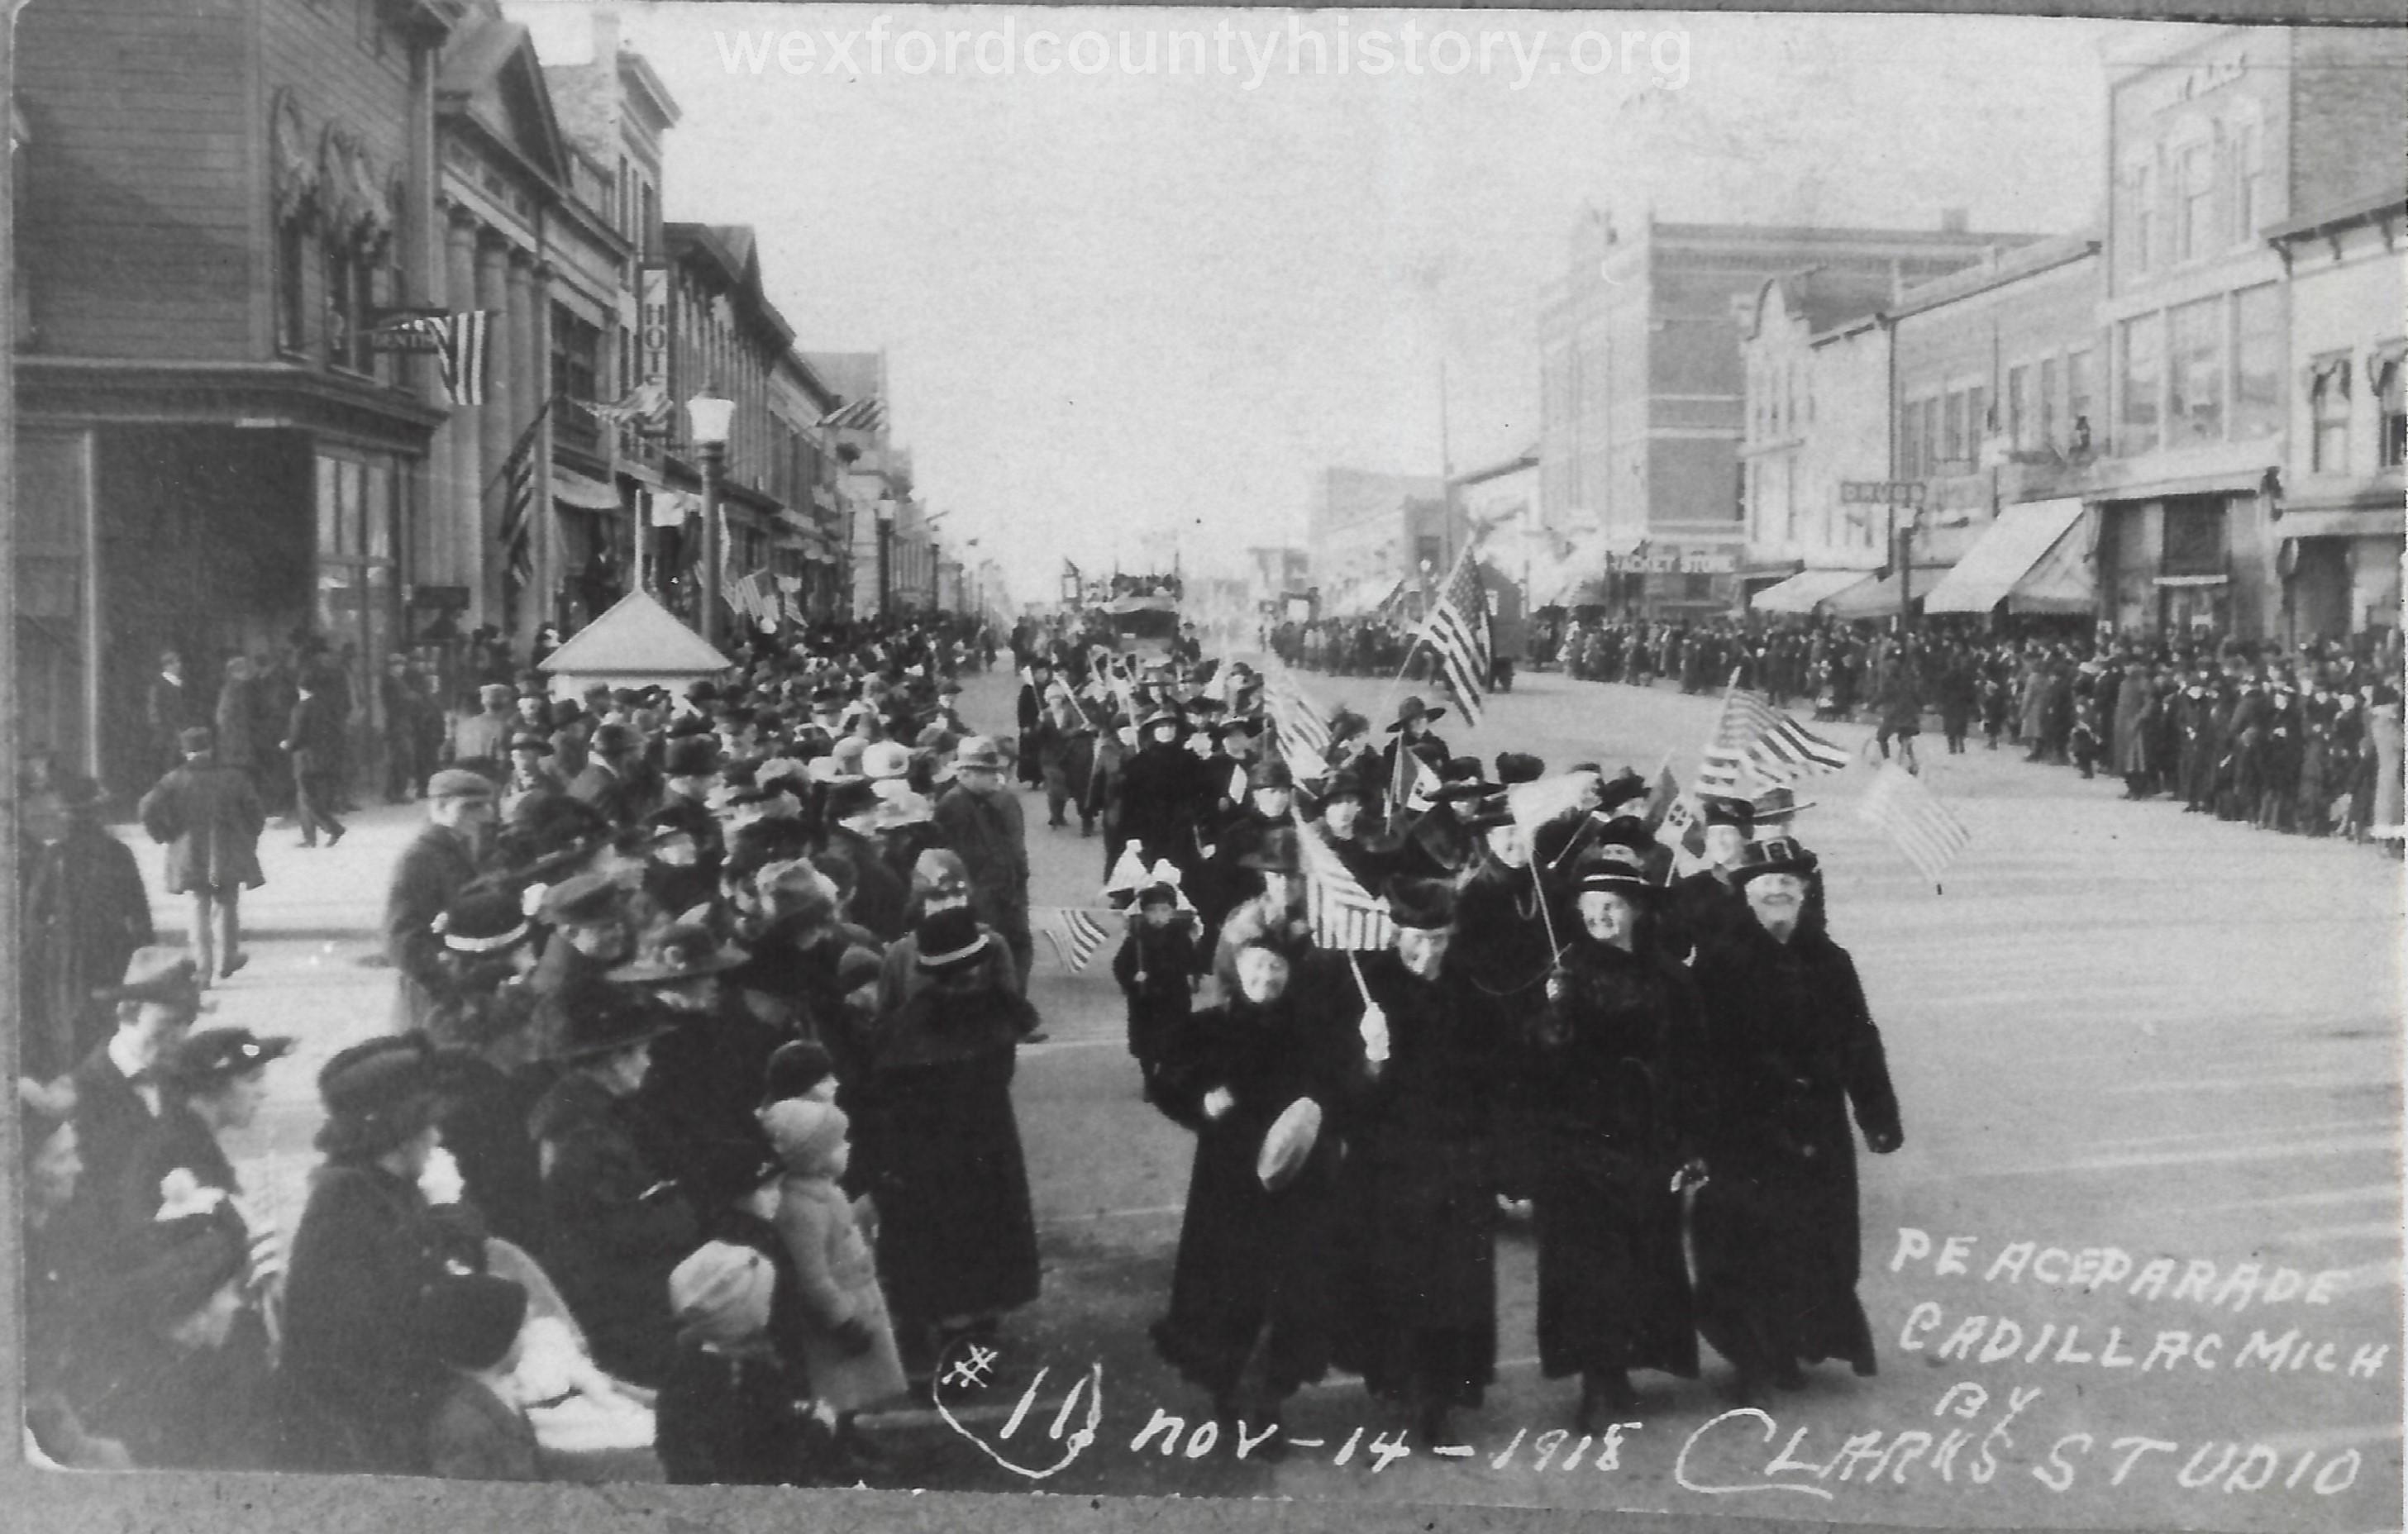 Cadillac-Parade-1918-11-14-Peace-Parade-10